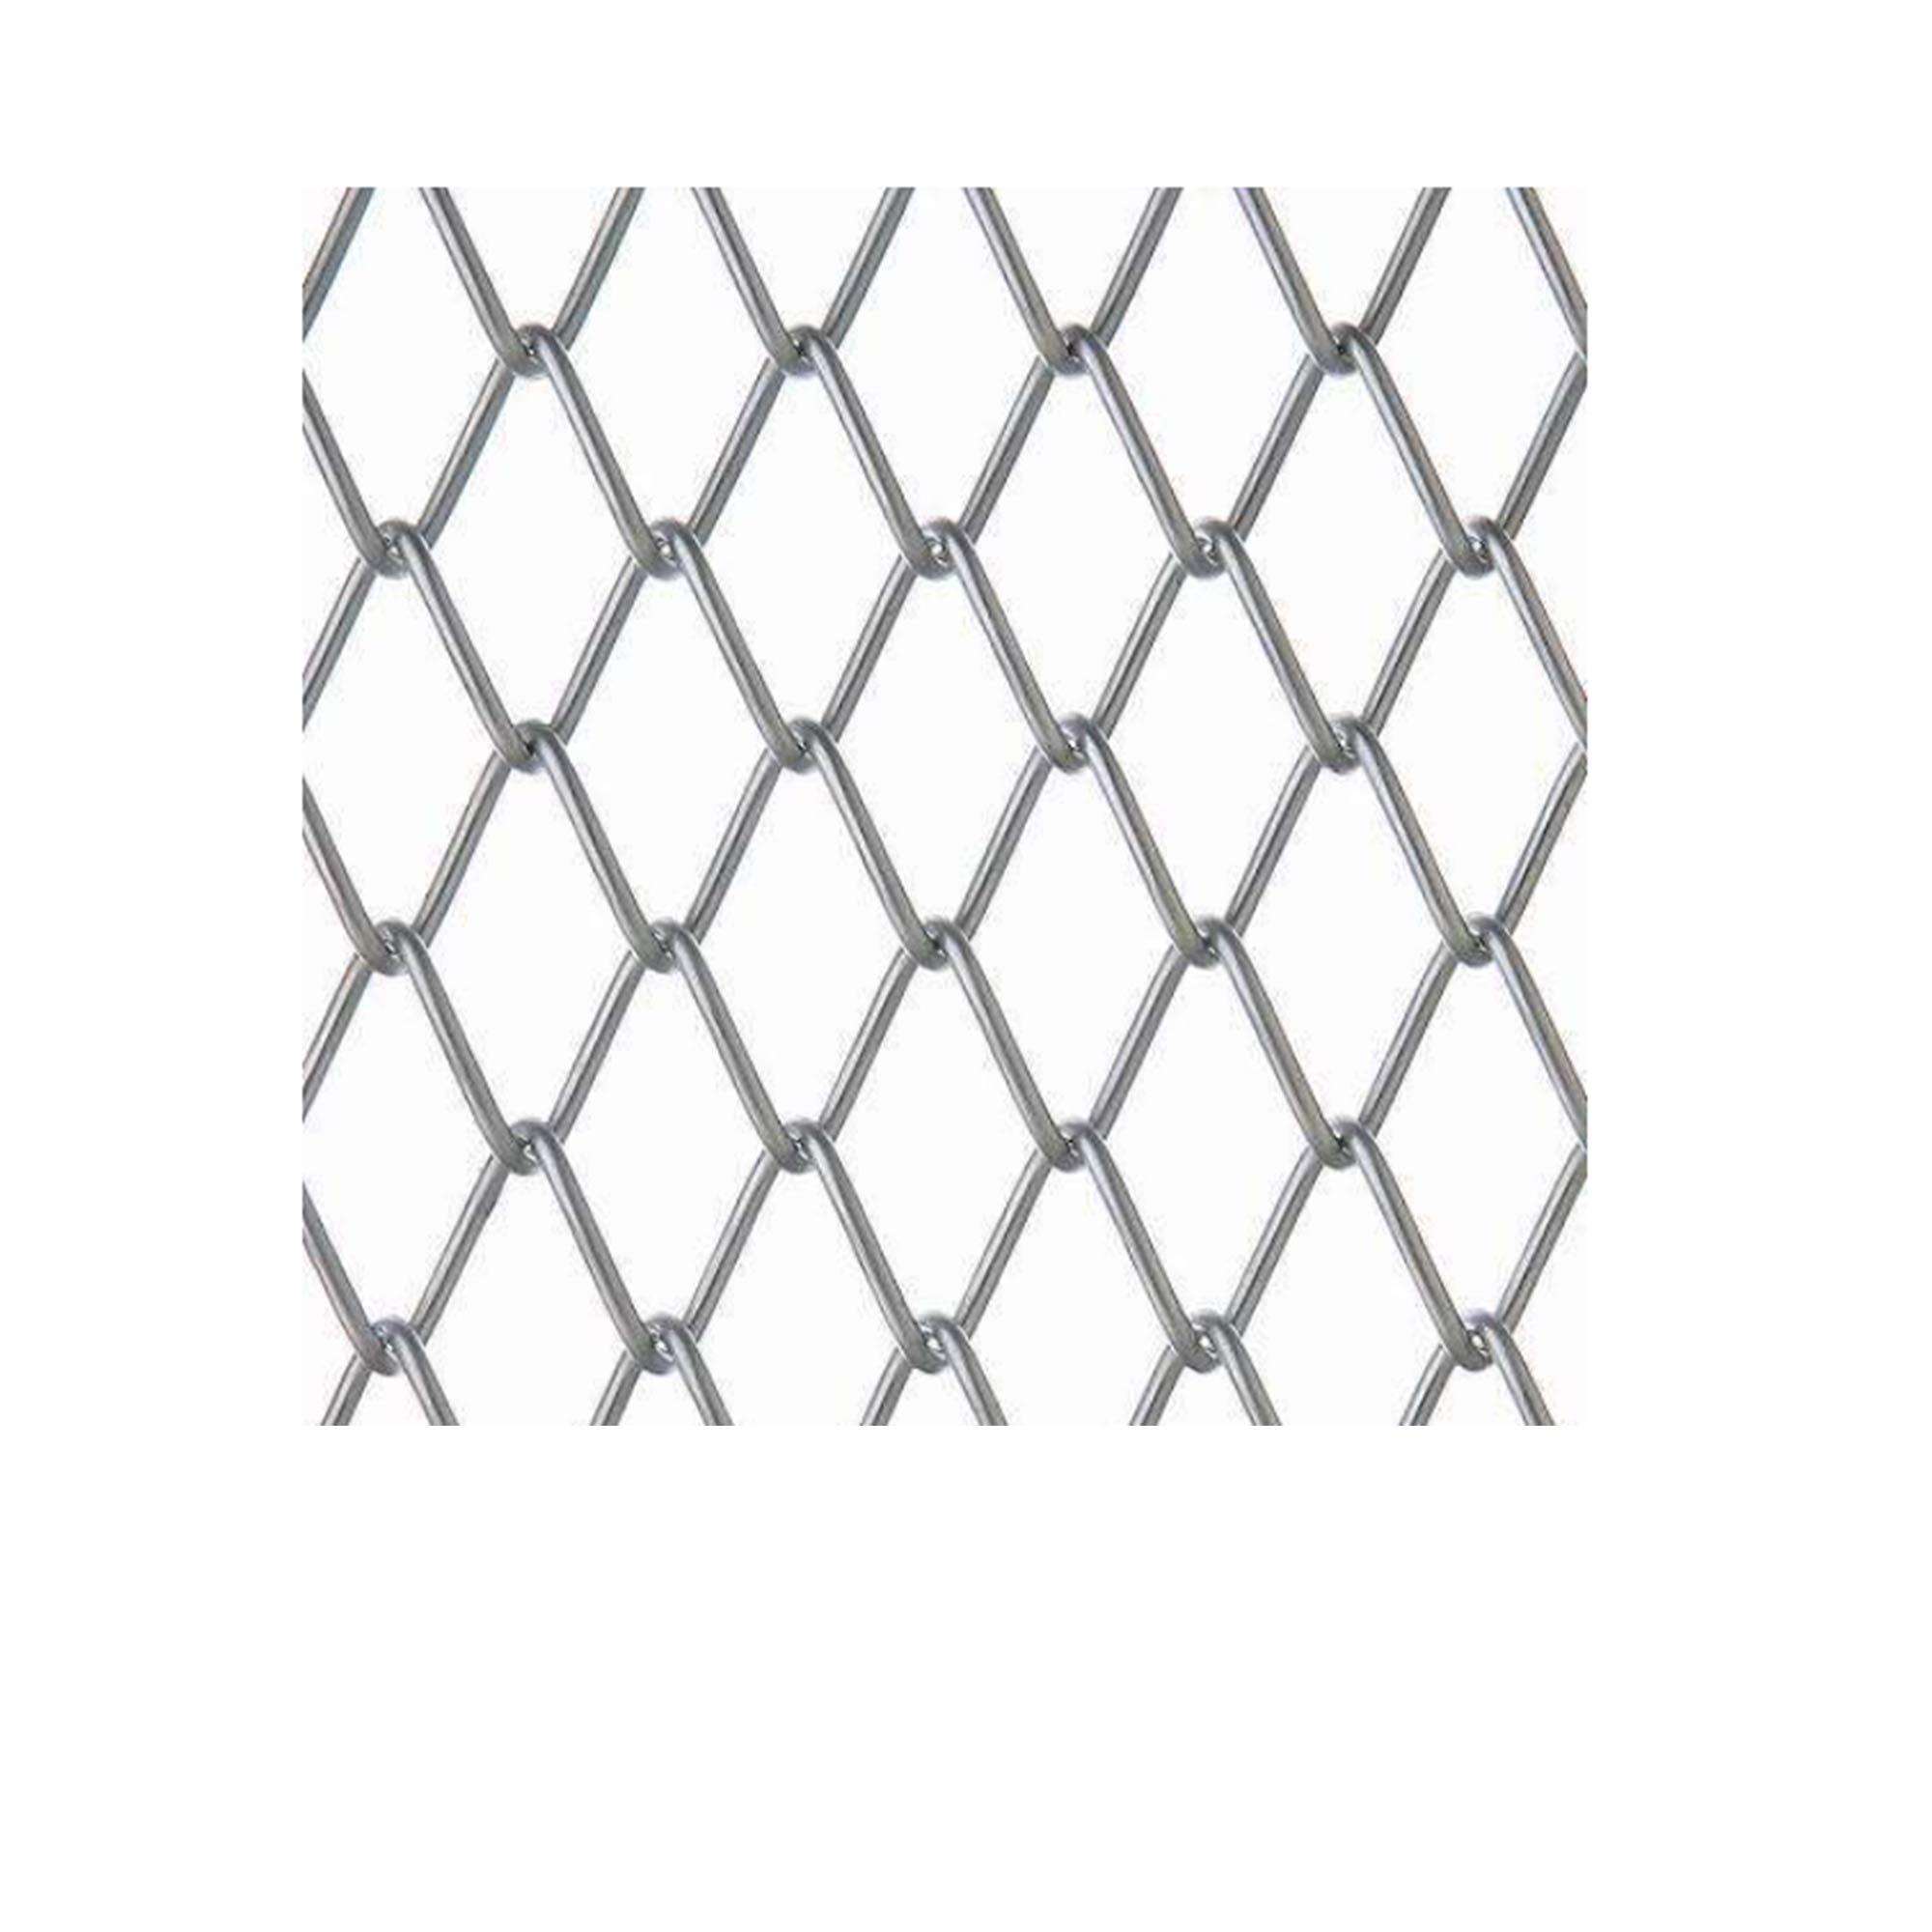 山西菱形网-可信赖的宁夏菱形网品牌推荐